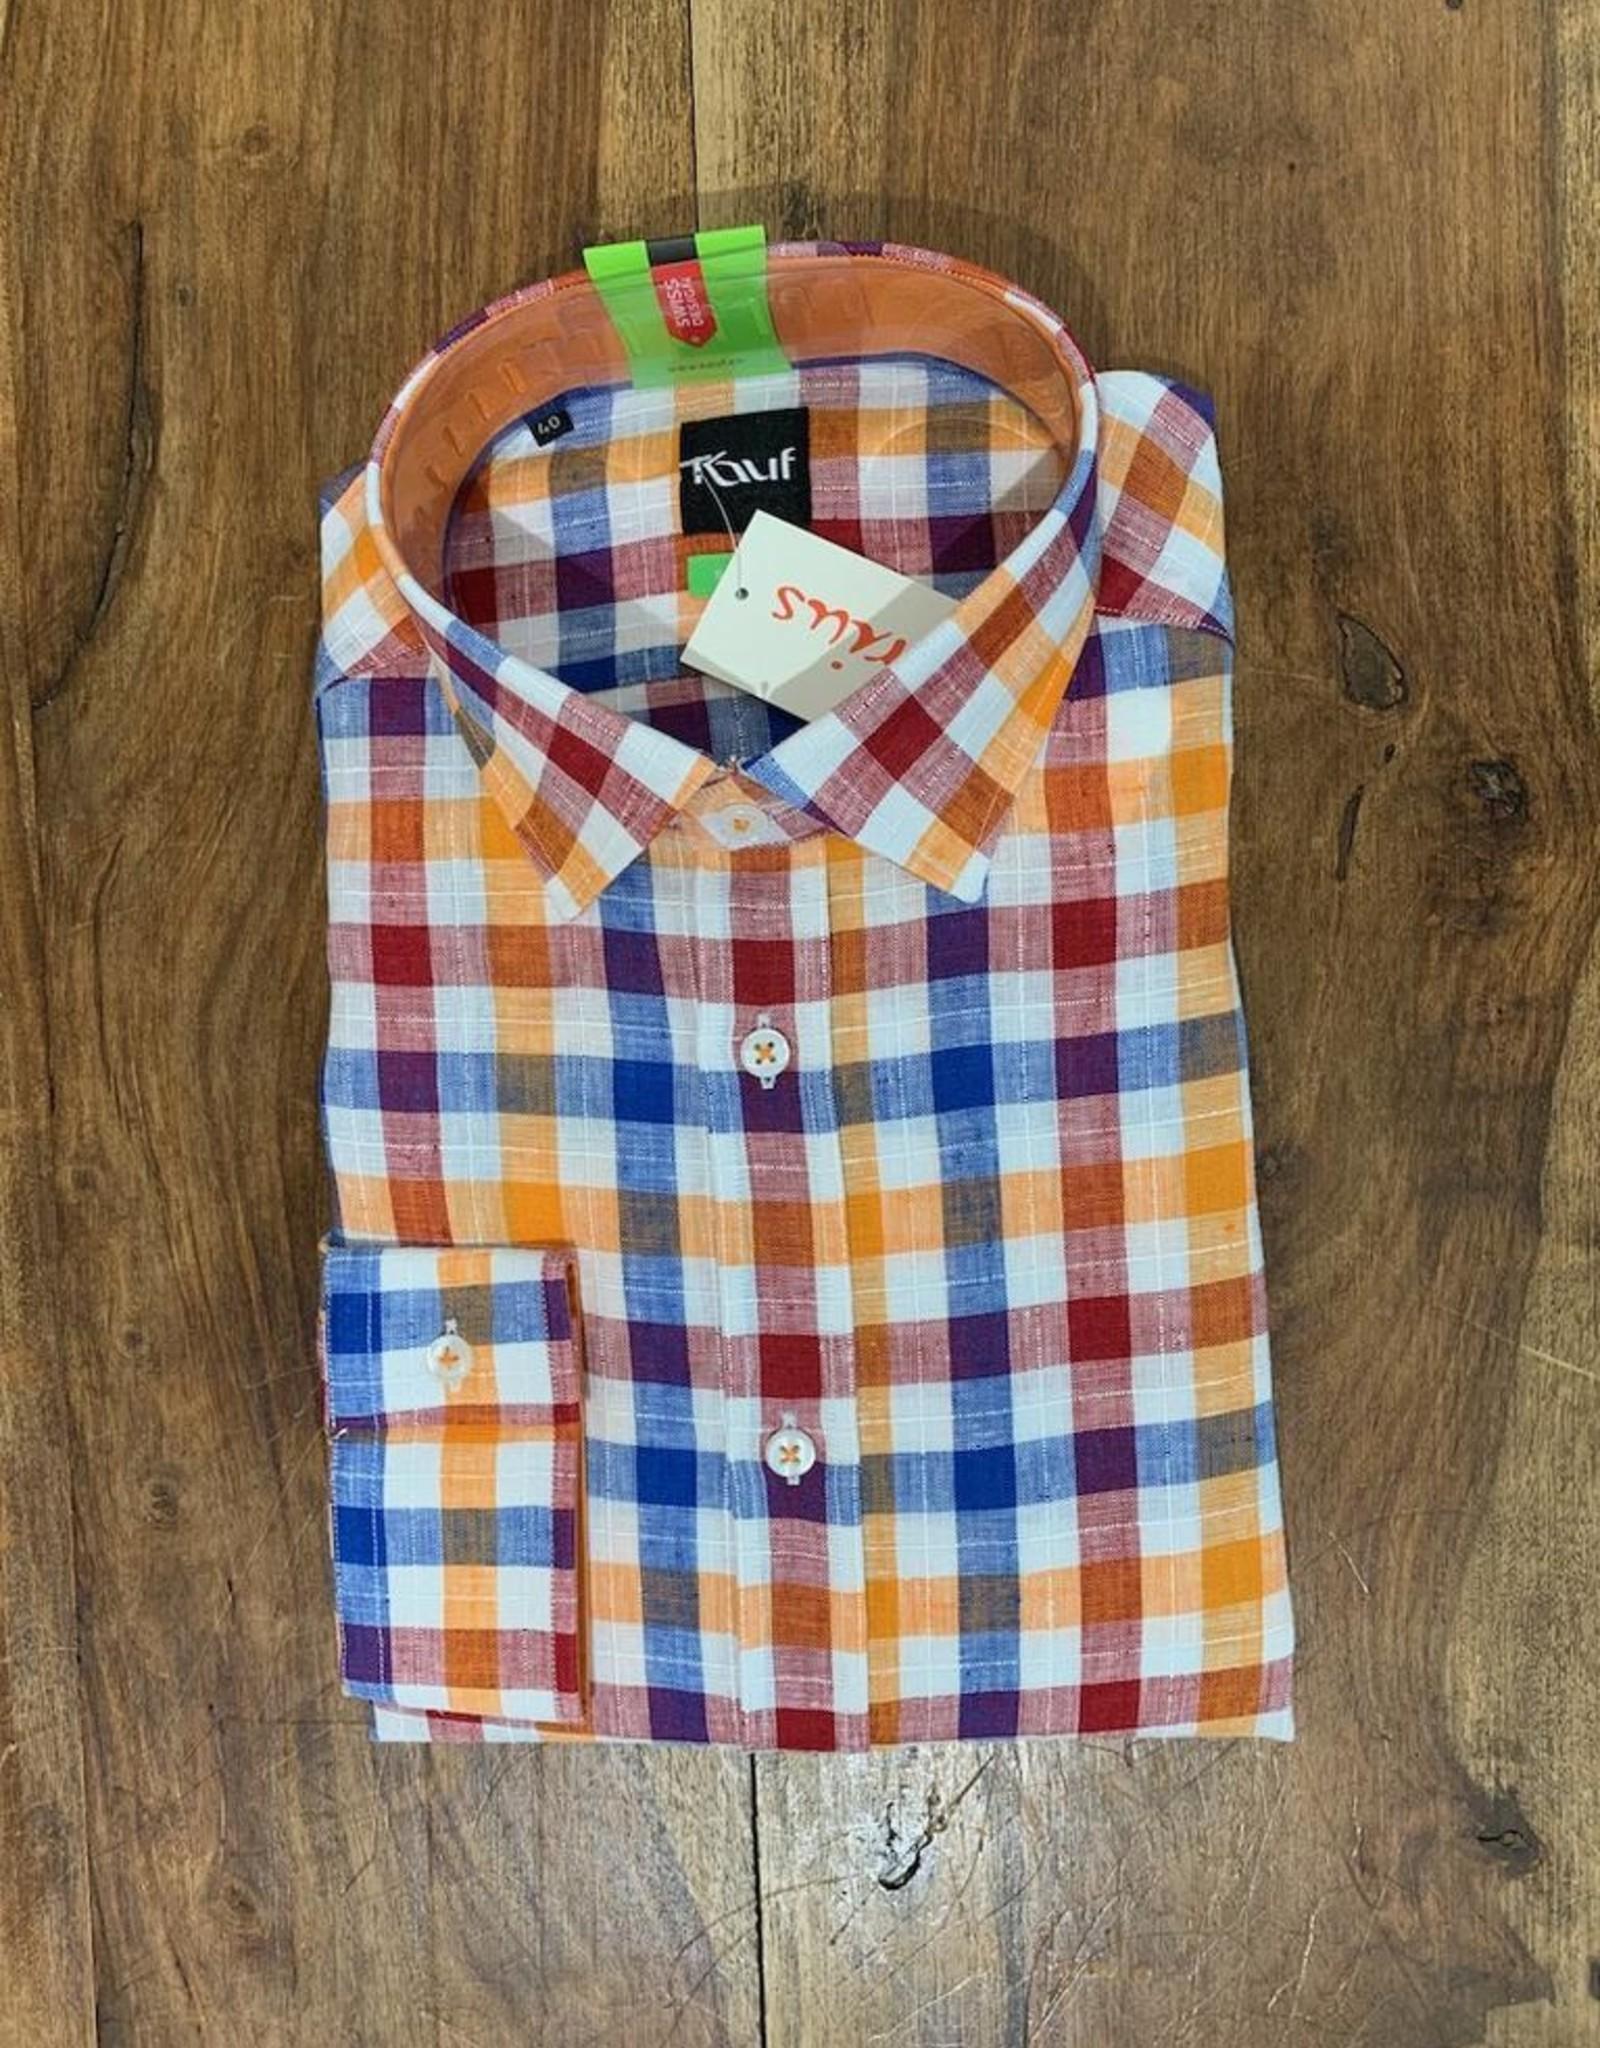 Kauf Kauf Hemd Body Fit <br /> Karo blau rot orange auf weiss<br /> Armlänge 72 cm